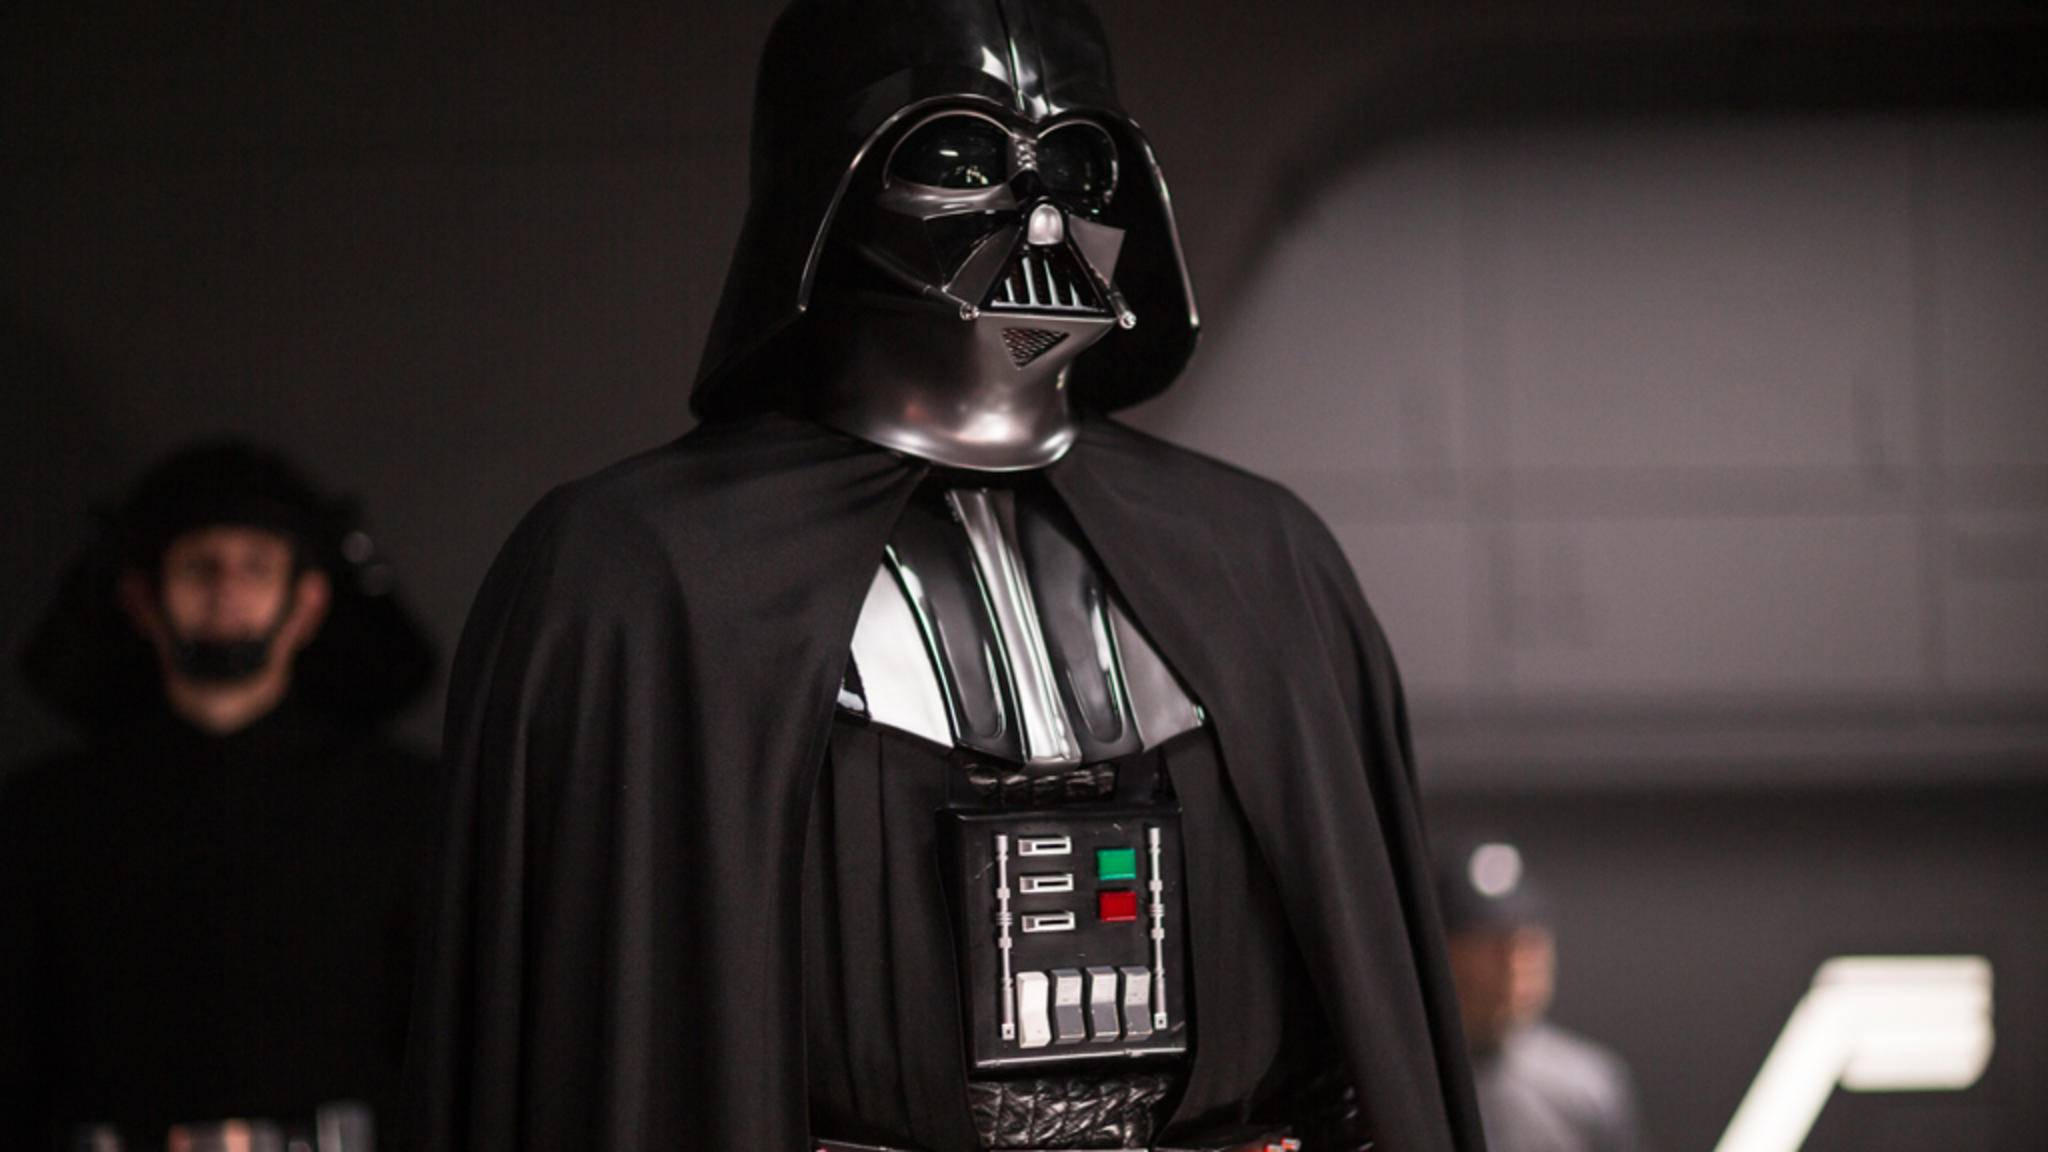 """""""Star Wars"""": Verschwinden Figuren wie Darth Vader demnächst?"""